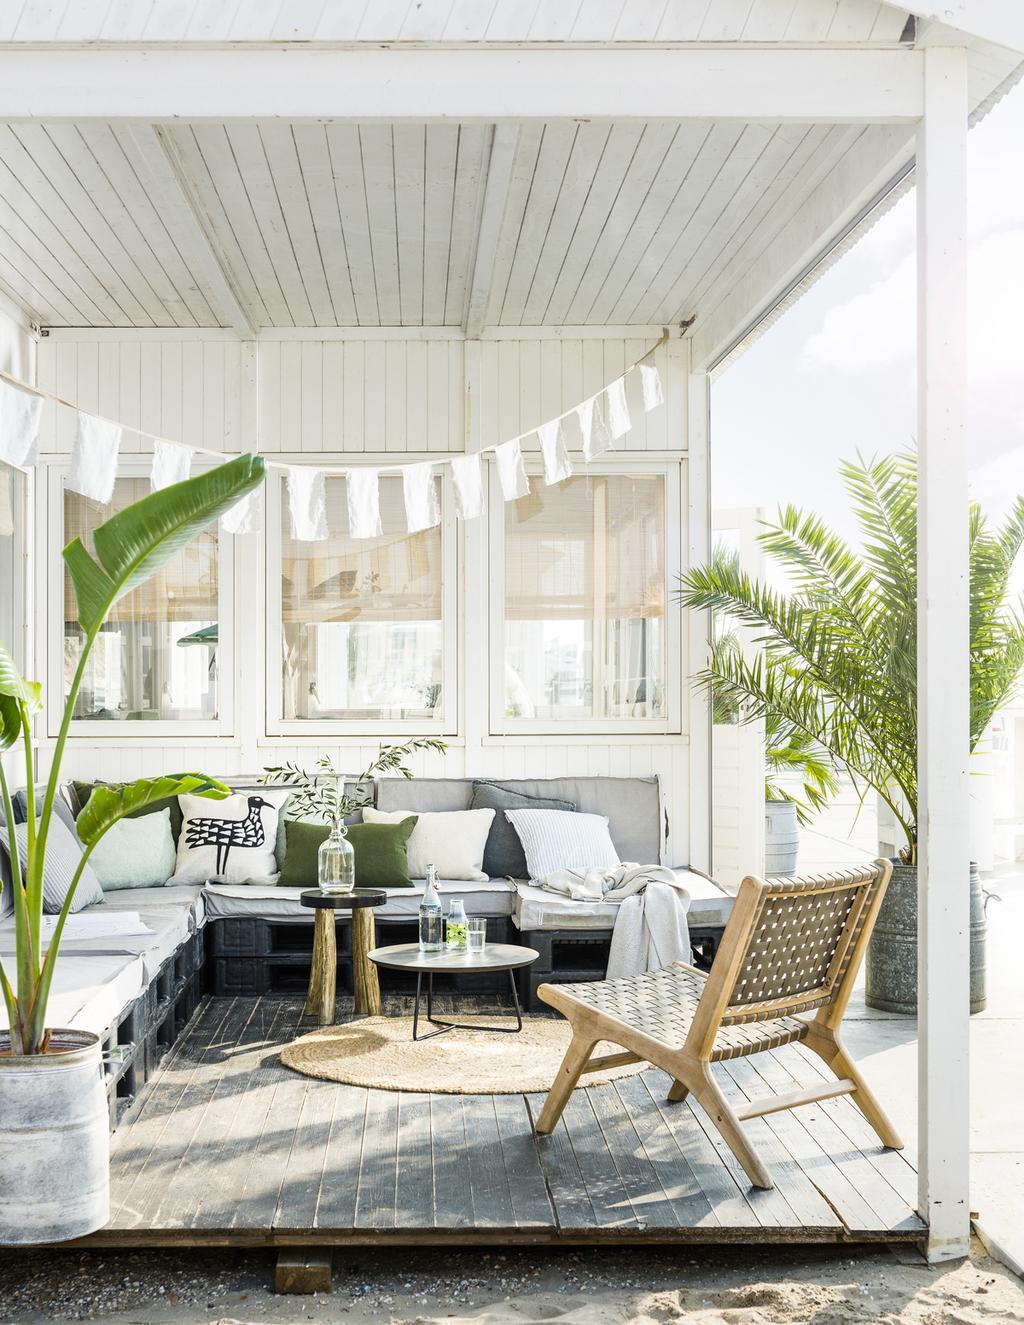 Kuipstoeltjes Tuin En Terras.Tuinmeubels Kopen De Mooiste Meubels Voor Tuin En Balkon Vtwonen